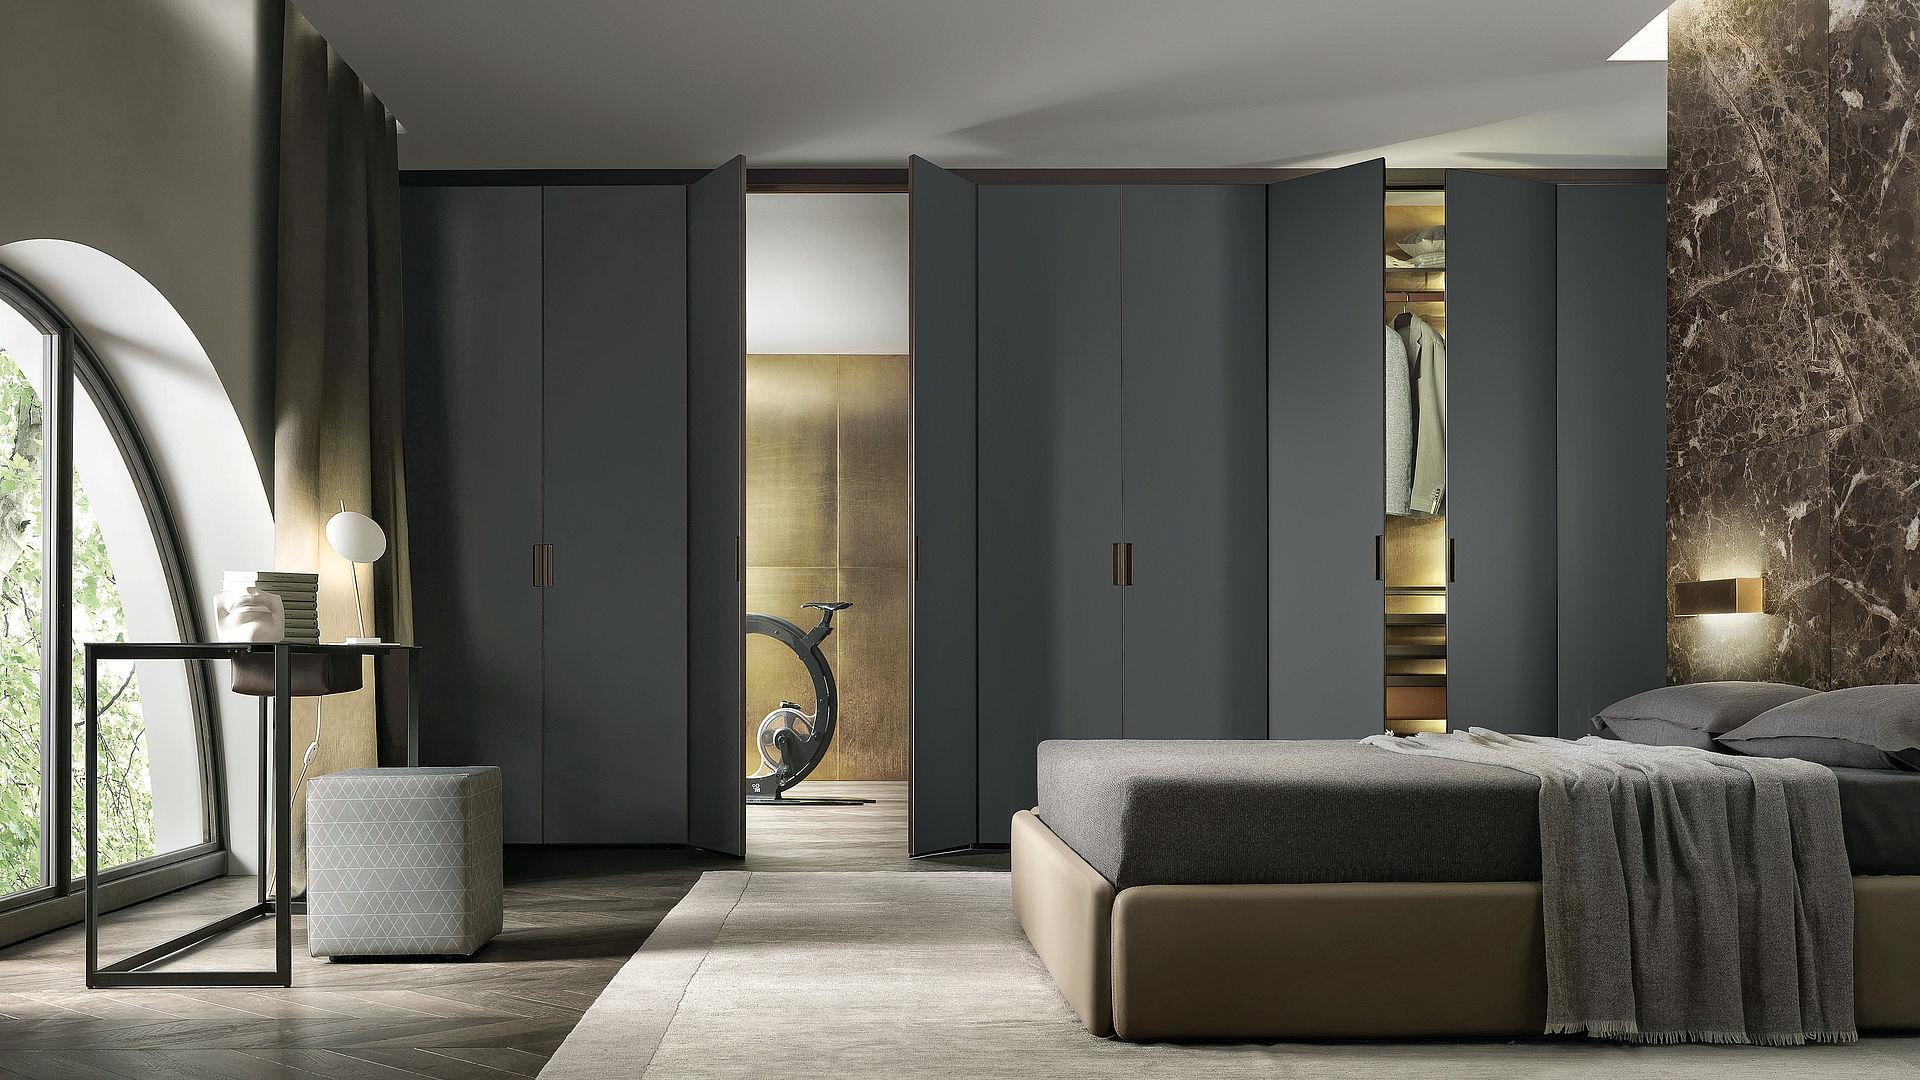 armoire haut de gamme contemporain sur annecy